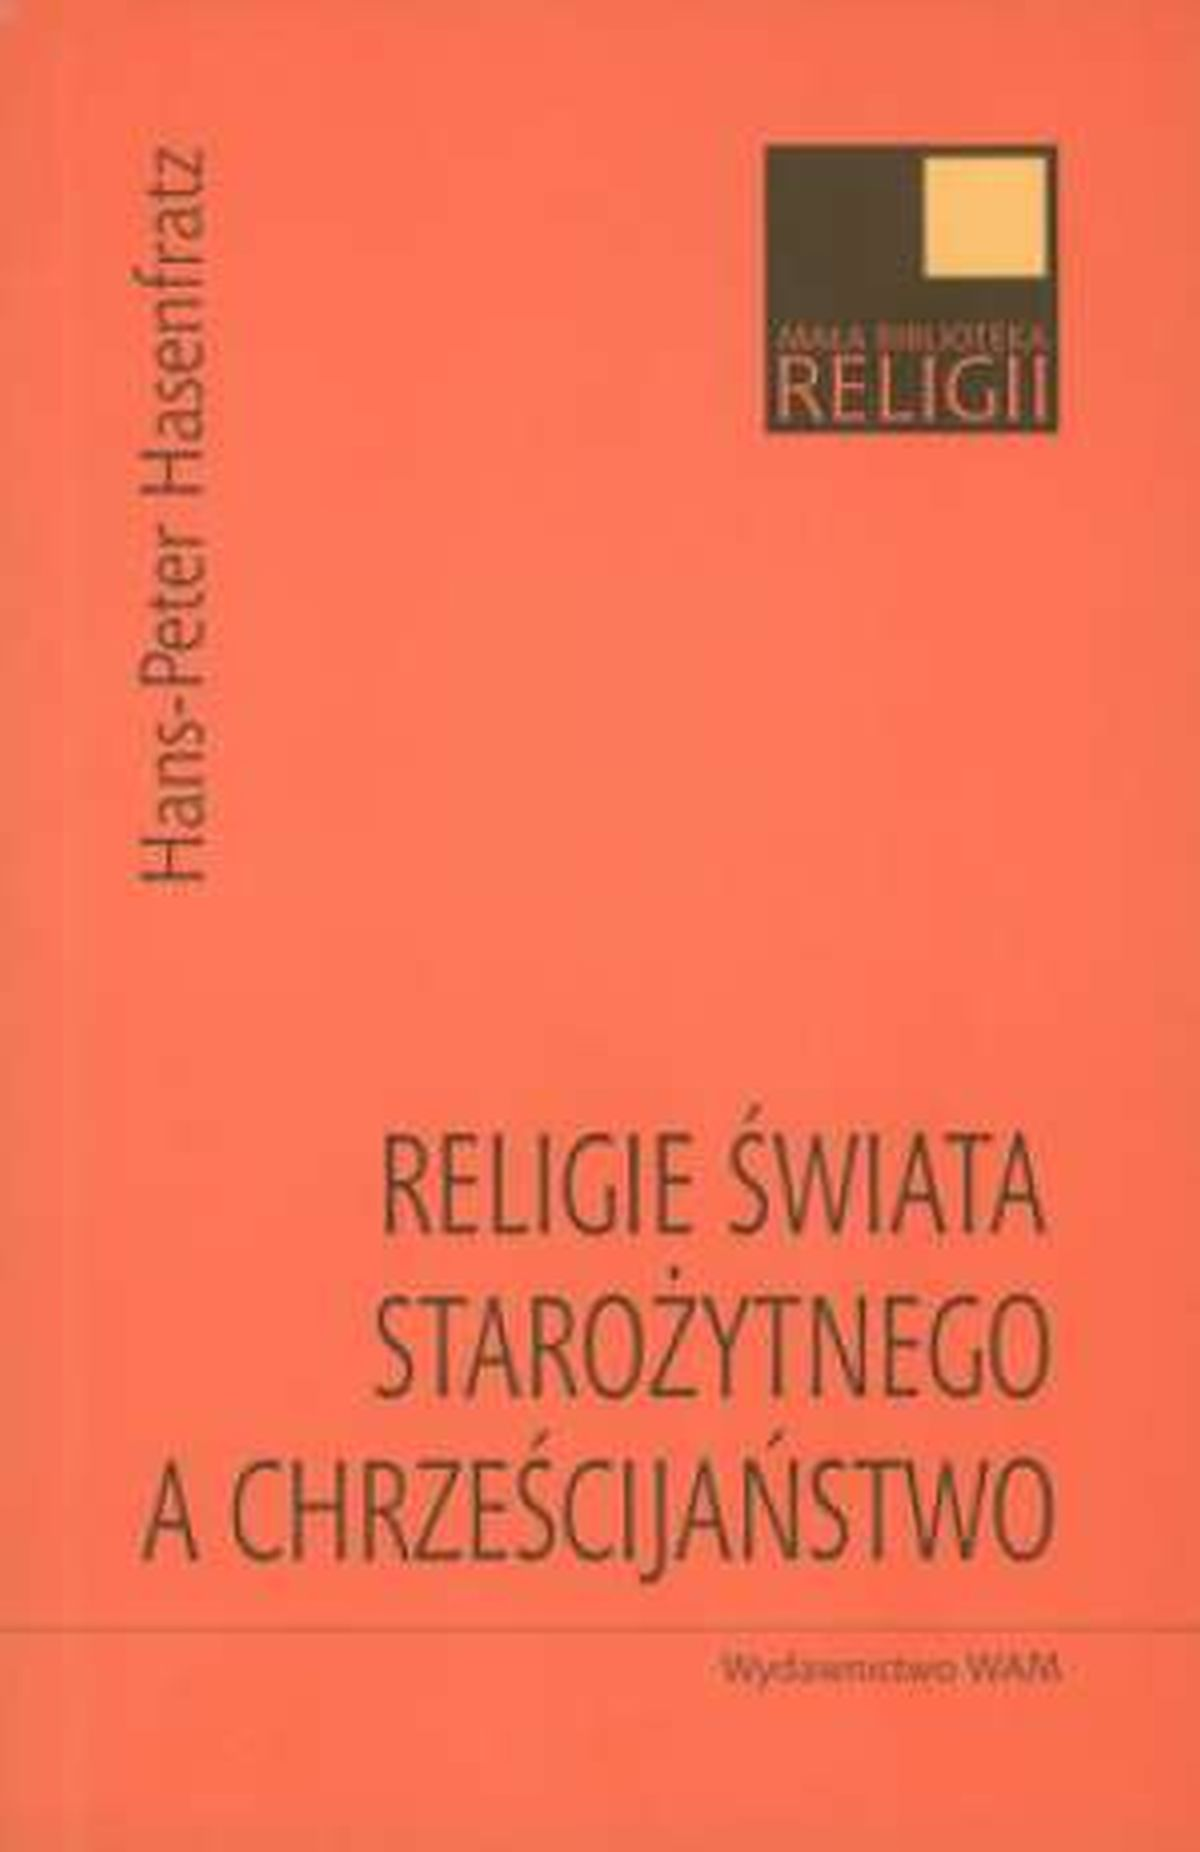 Religie świata starożytnego a chrześcijaństwo. Seria: Mała biblioteka religii